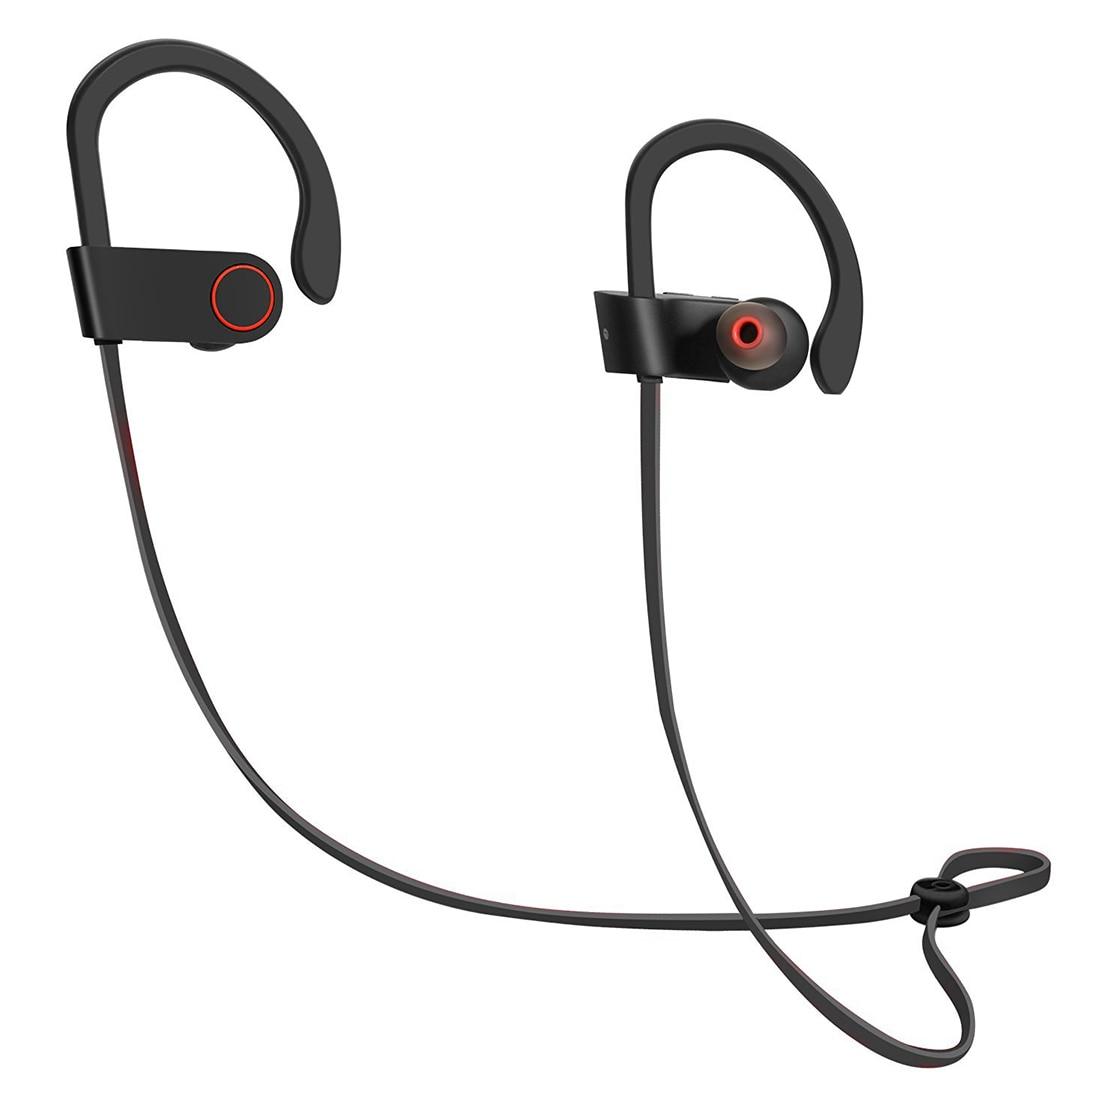 Écouteurs sans fil Bluetooth écouteurs anti-transpiration dans l'oreille écouteurs sécurisés réduction du bruit des basses avec micro pour Android